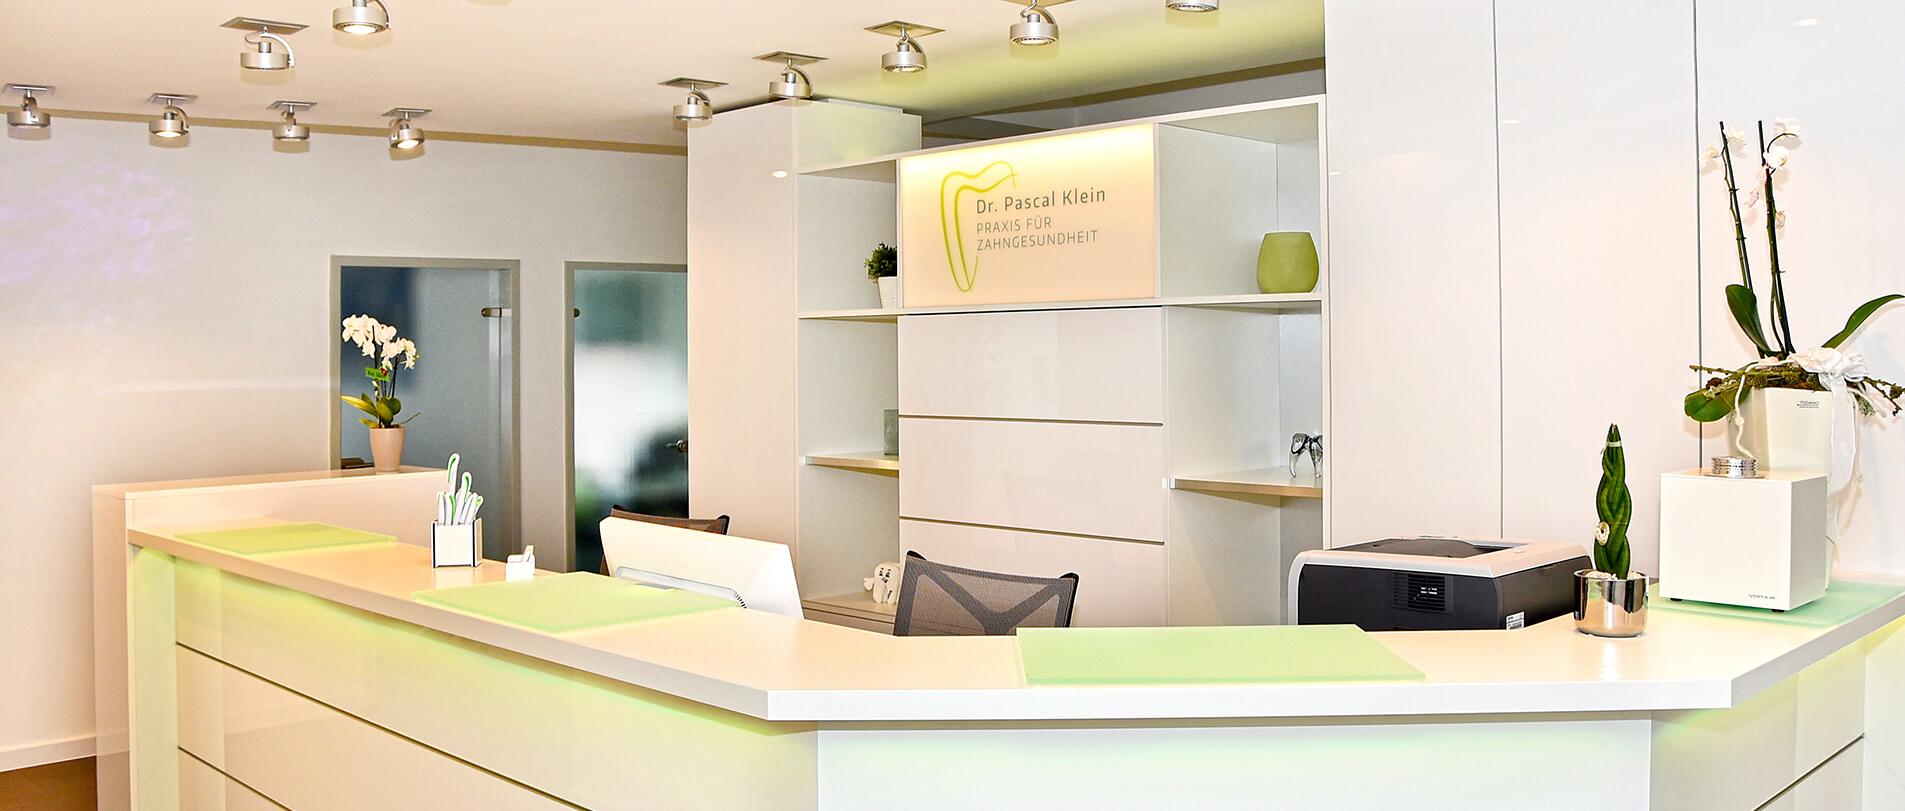 In unserer Zahnarztpraxis in Saarbrücken decken wir das gesamte Spektrum der modernen Zahnmedizin ab.